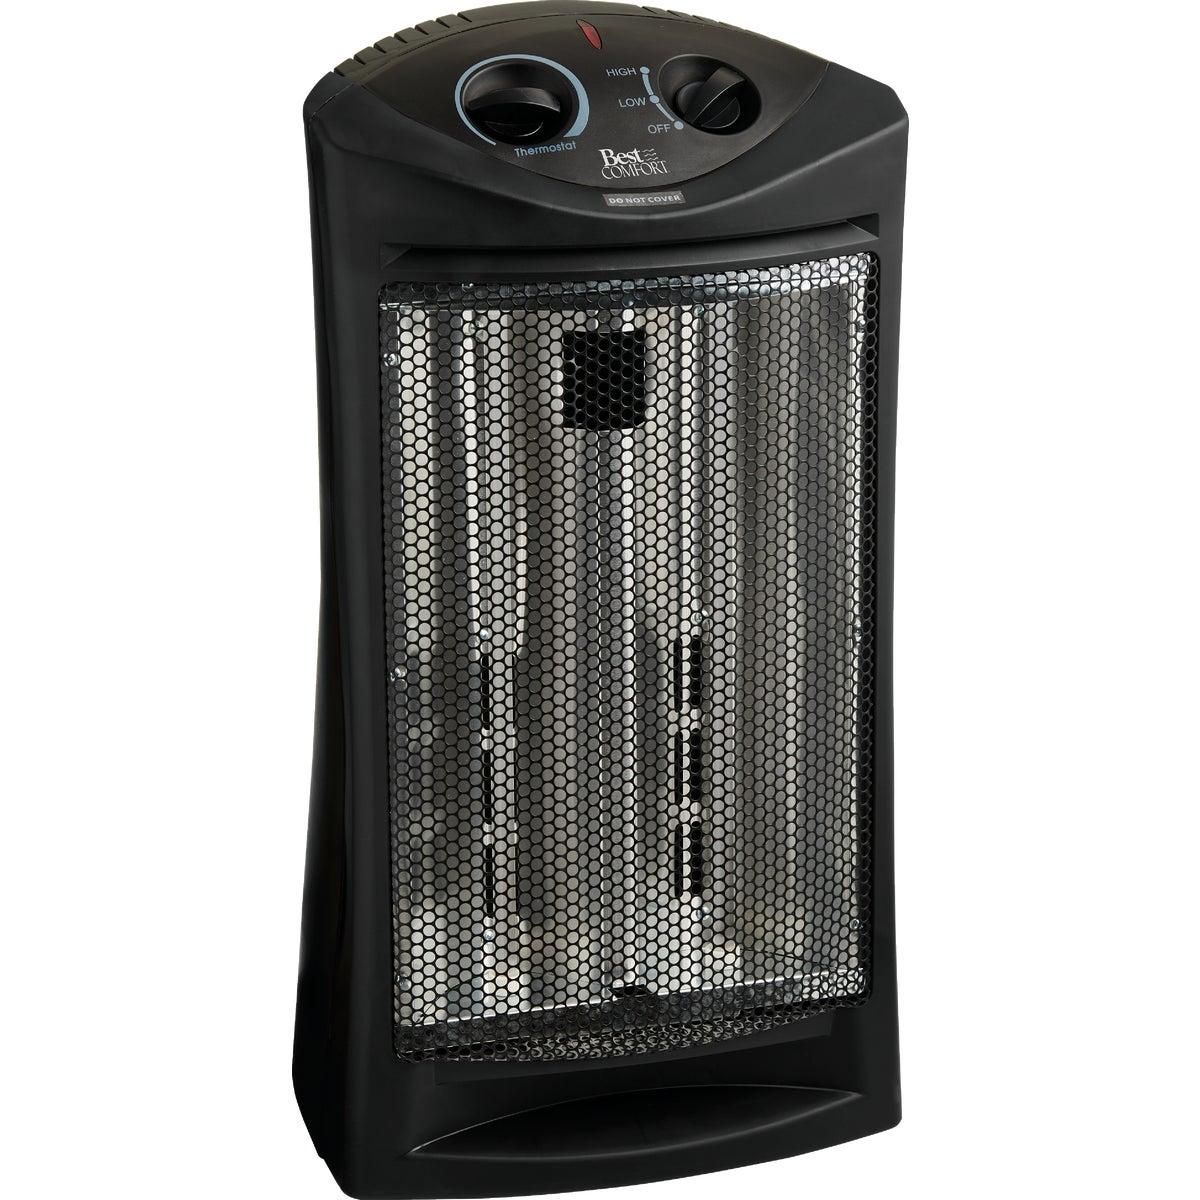 Best Comfort 1500-Watt 120-Volt Tower Quartz Heater